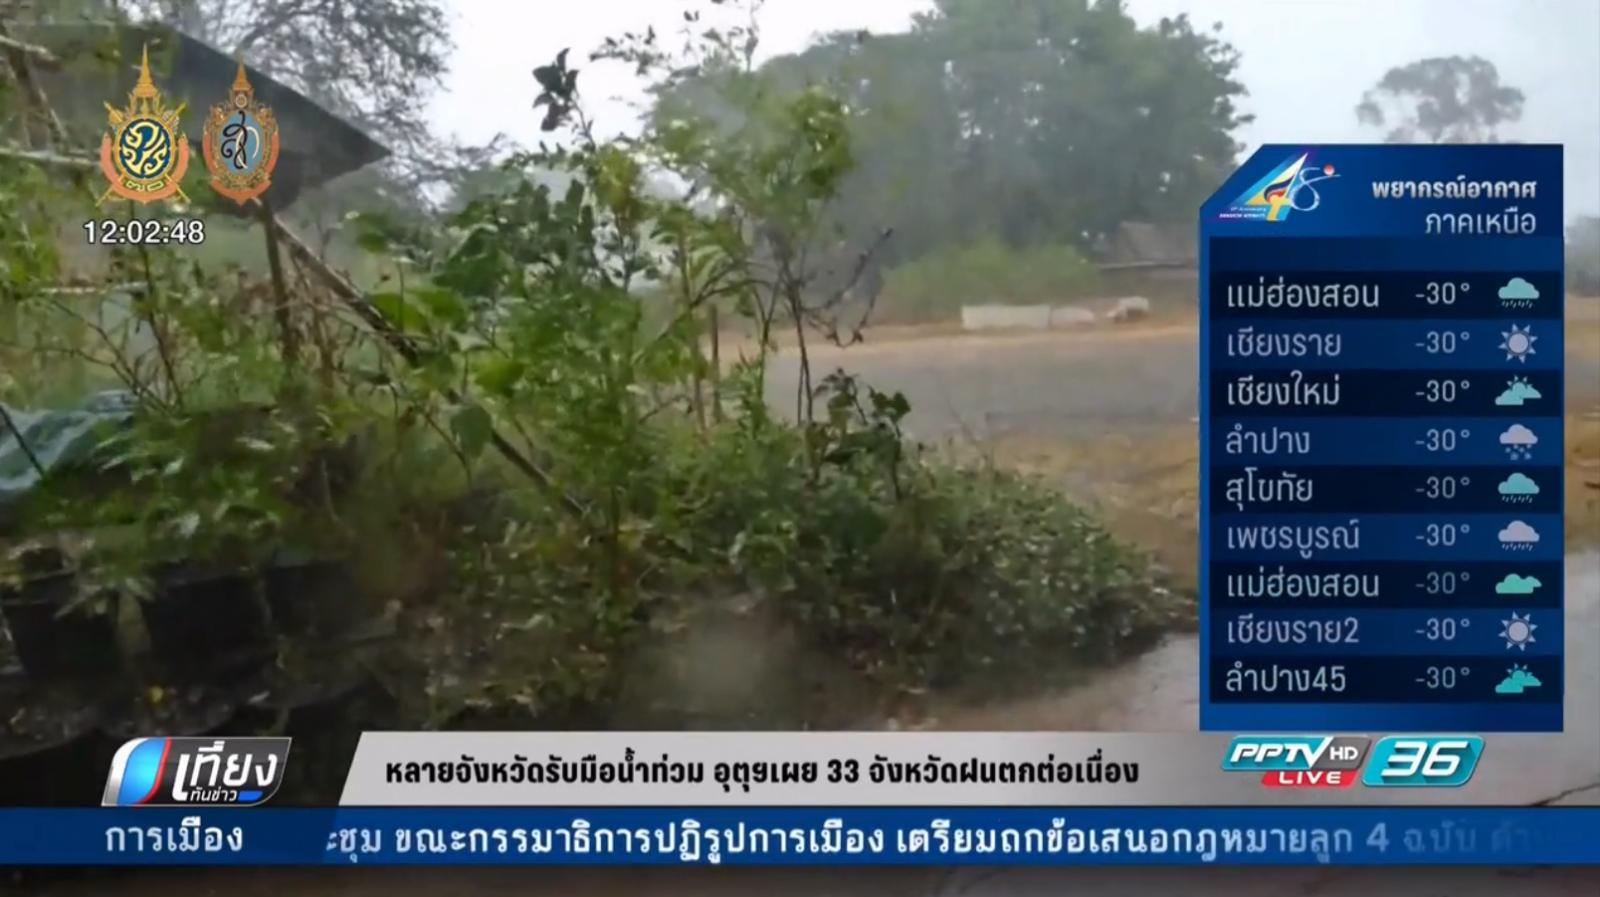 หลายจังหวัดรับมือน้ำท่วม อุตุฯเผย 33 จังหวัดฝนตกต่อเนื่อง